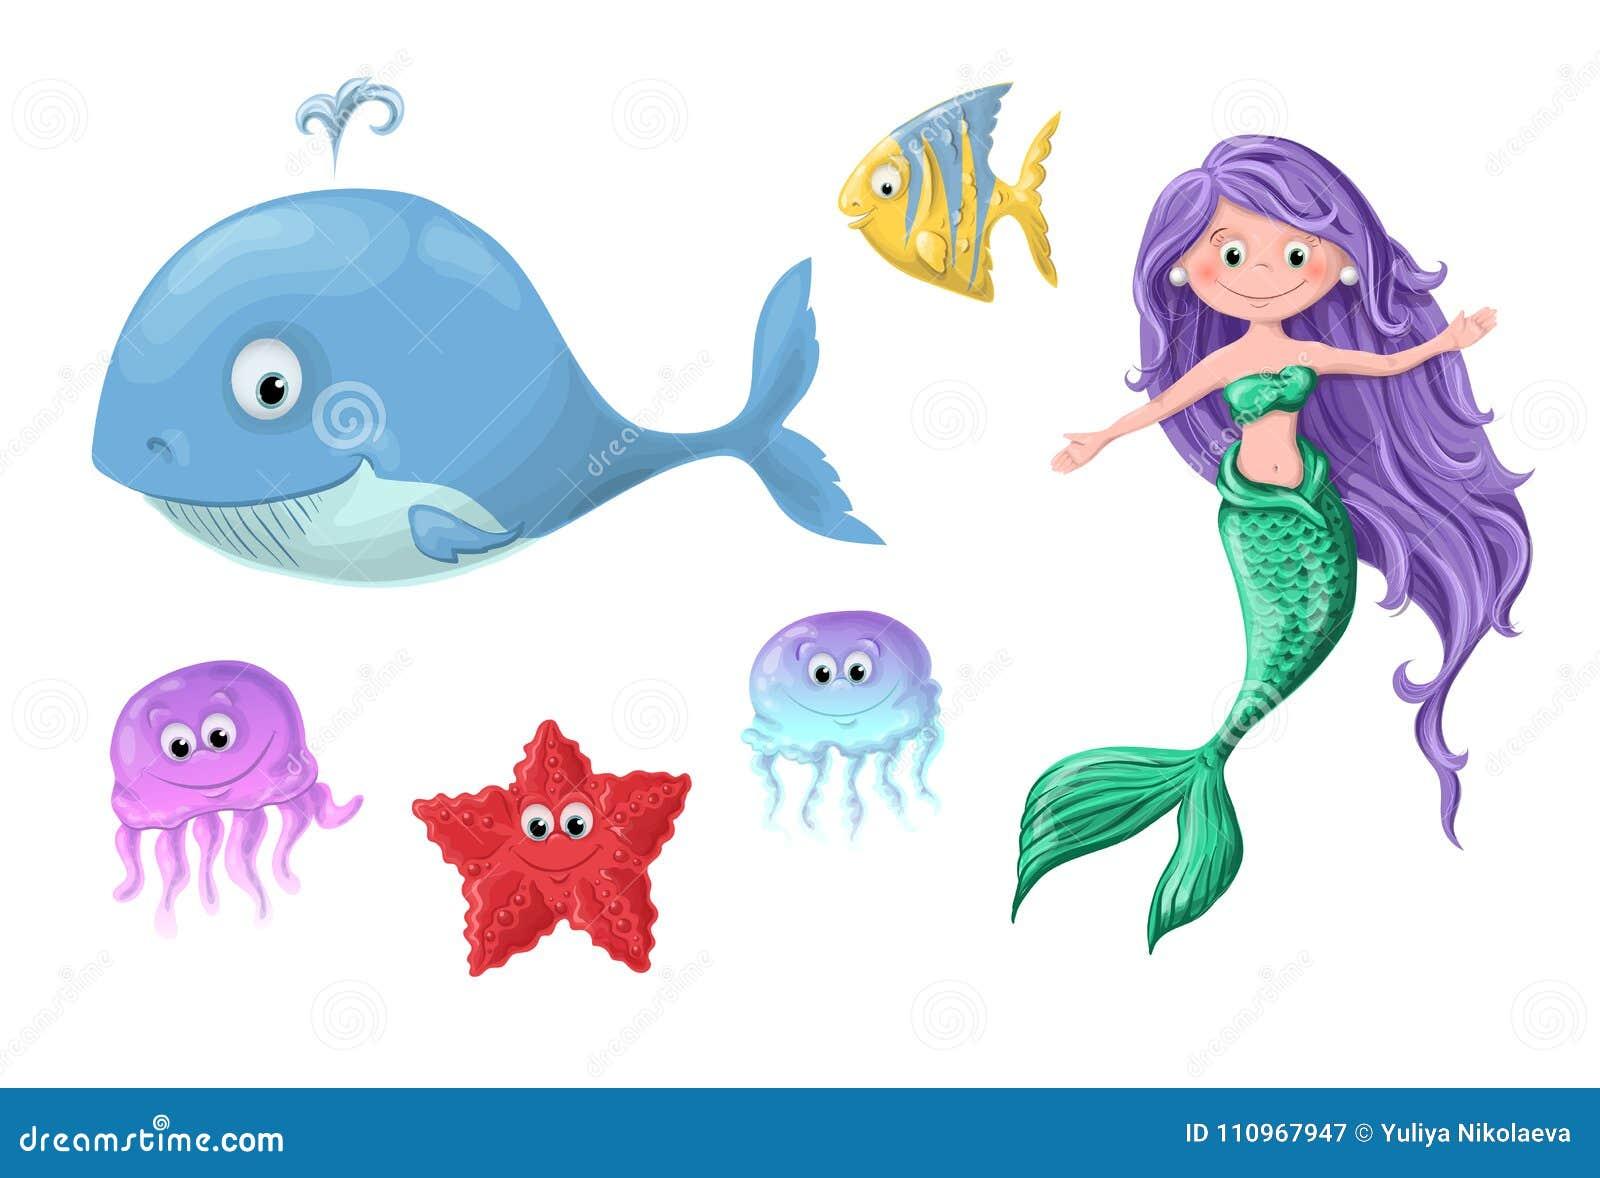 Un insieme degli abitanti nautici svegli del fumetto divertente - una sirena, una balena, un pesce, una stella marina e medusa